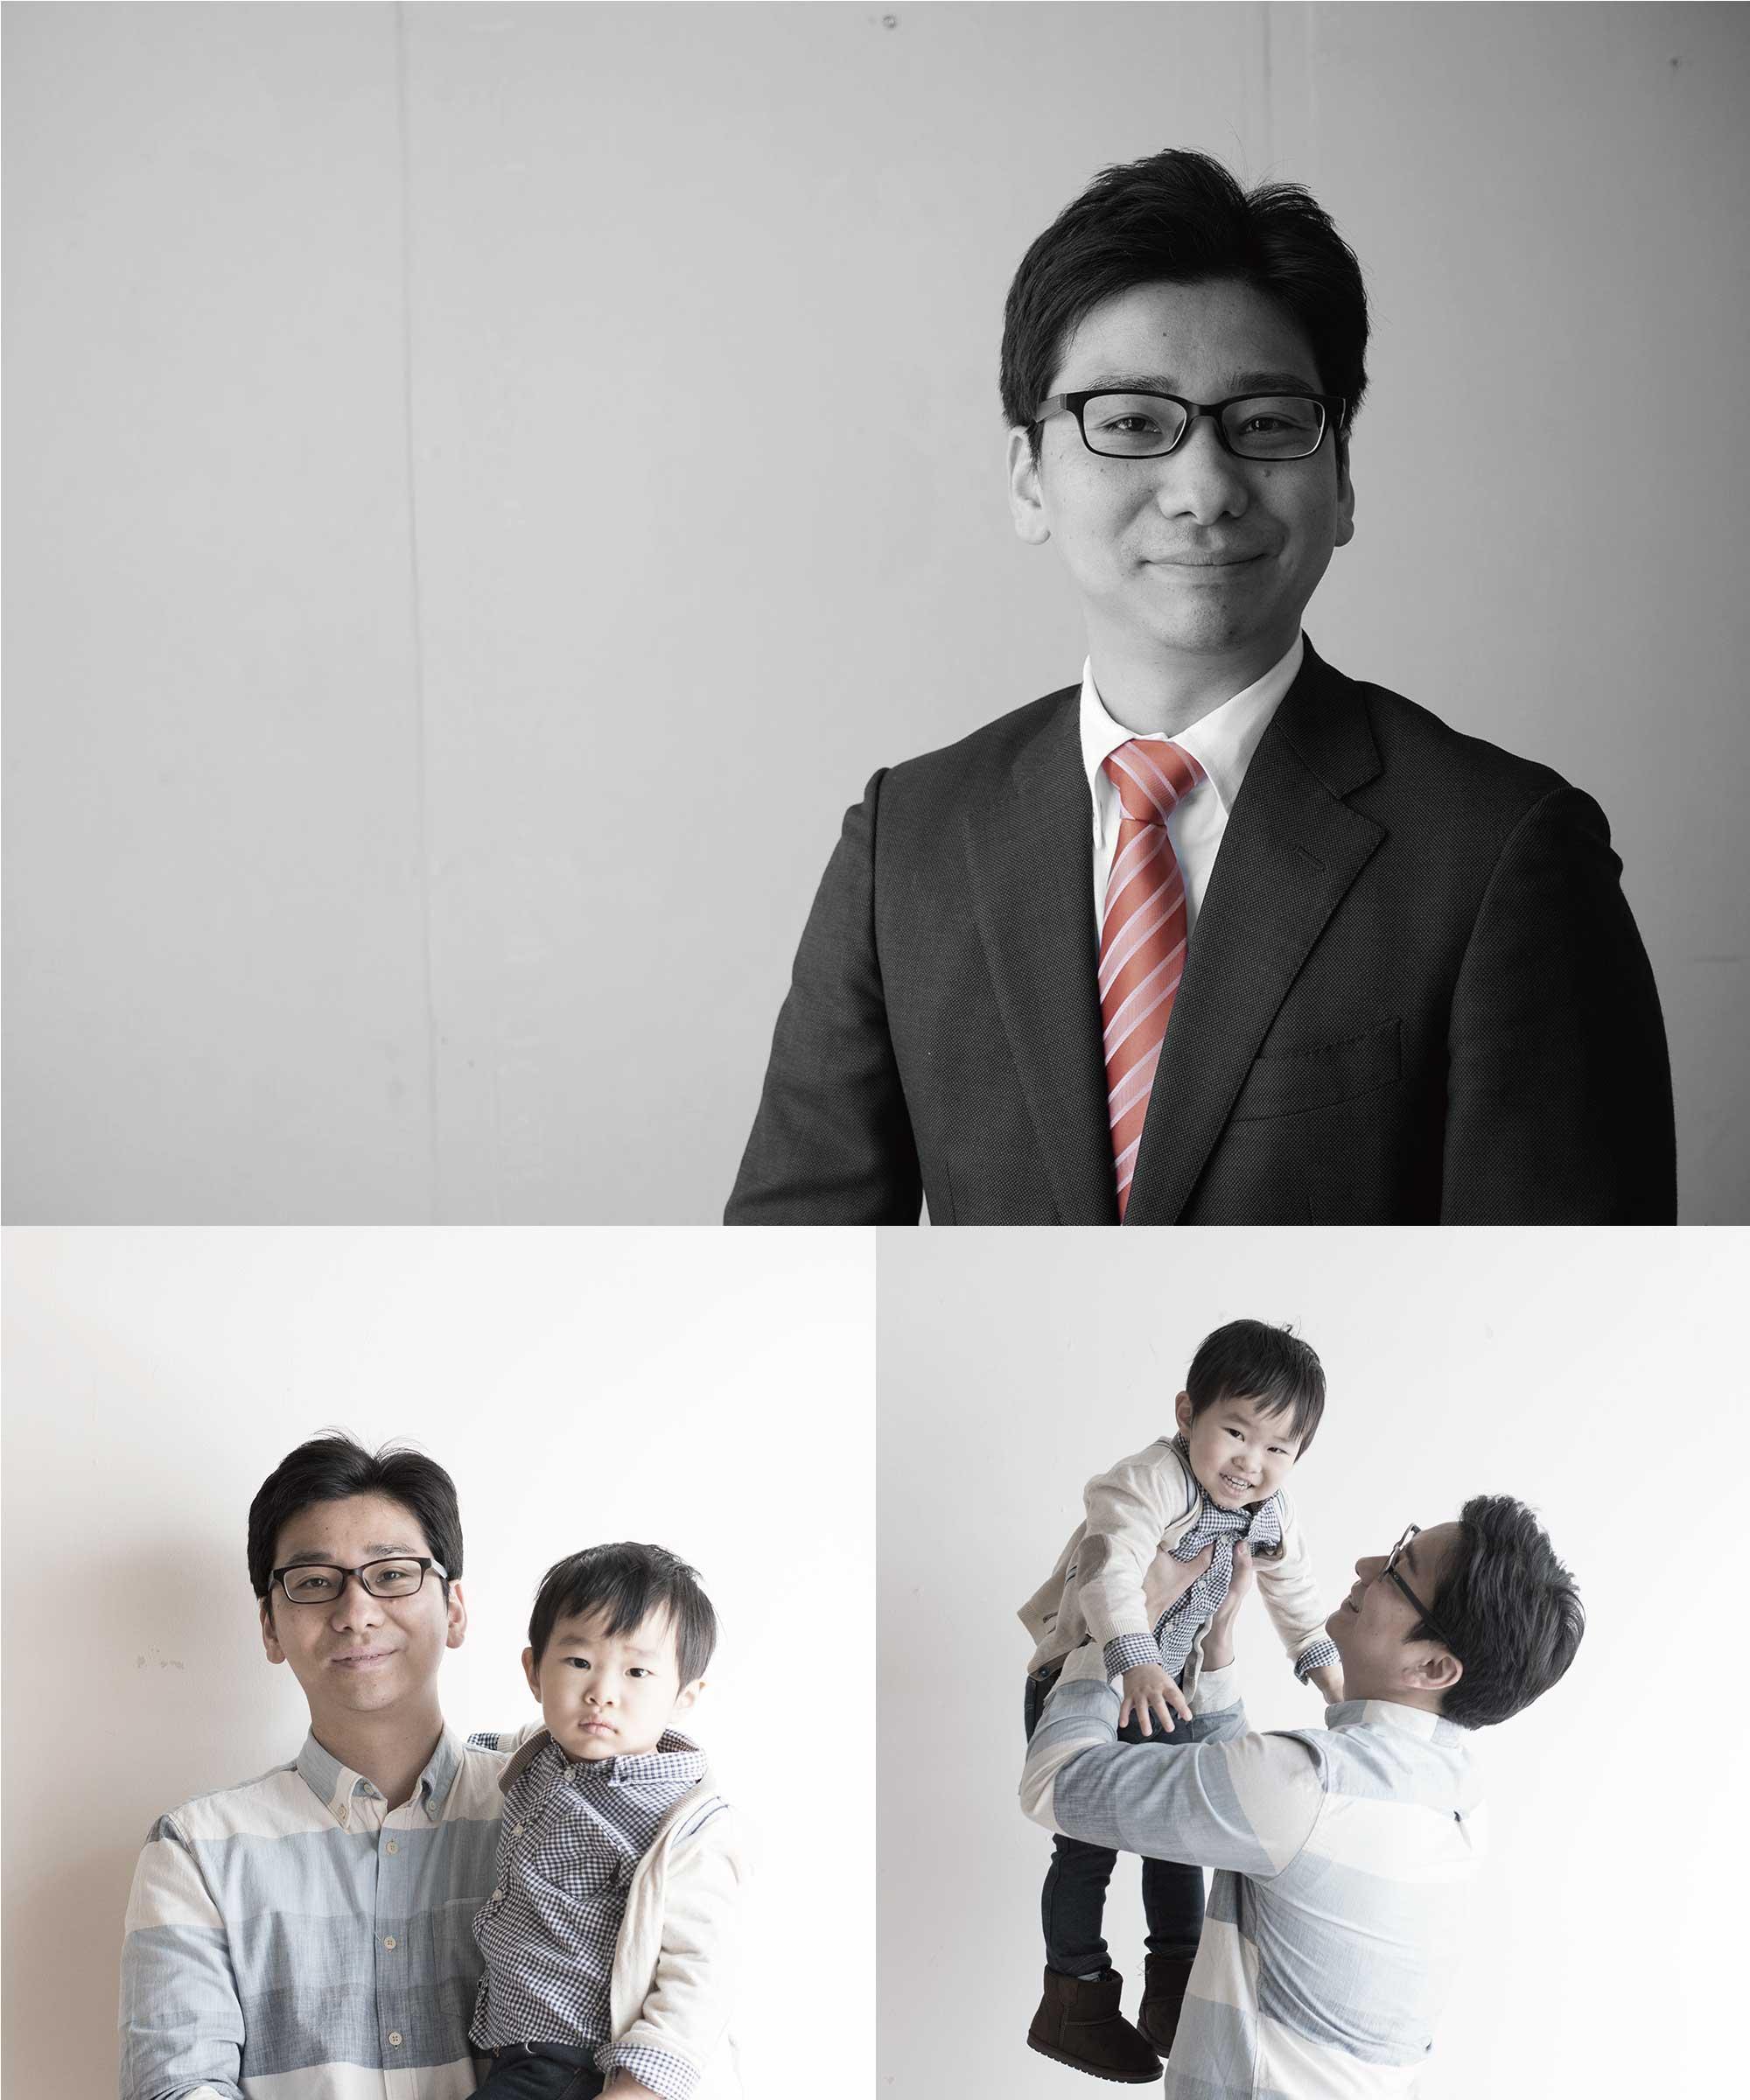 上野副社長